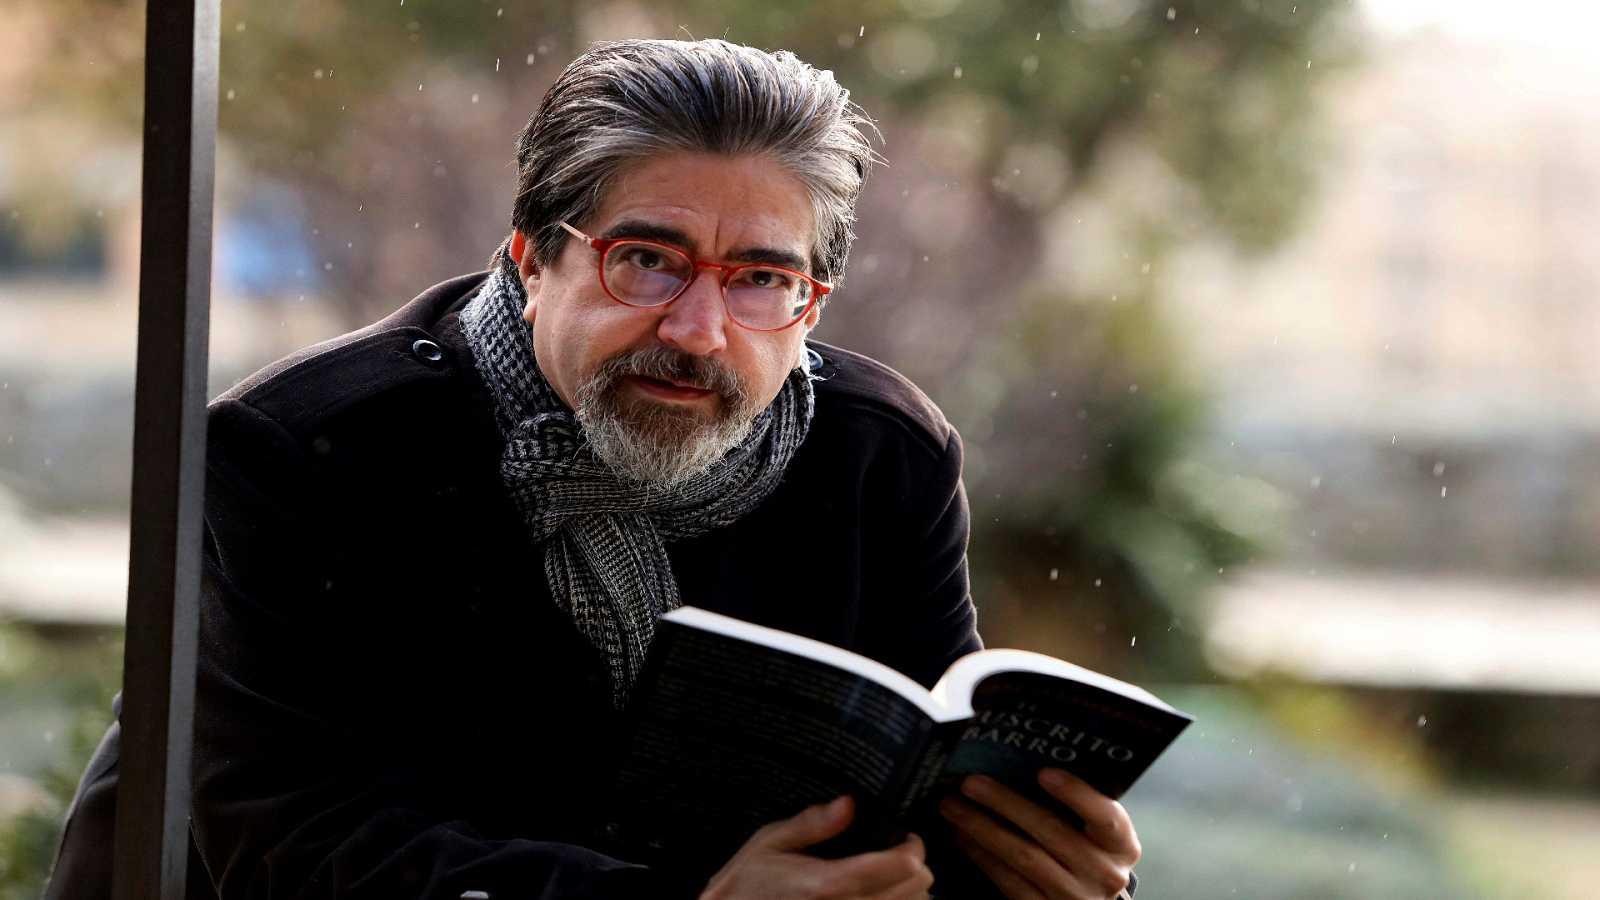 Libros de arena en Radio 5 - Luis García Jambrina y 'El manuscrito de barro' - 24/03/21 - Escuchar ahora